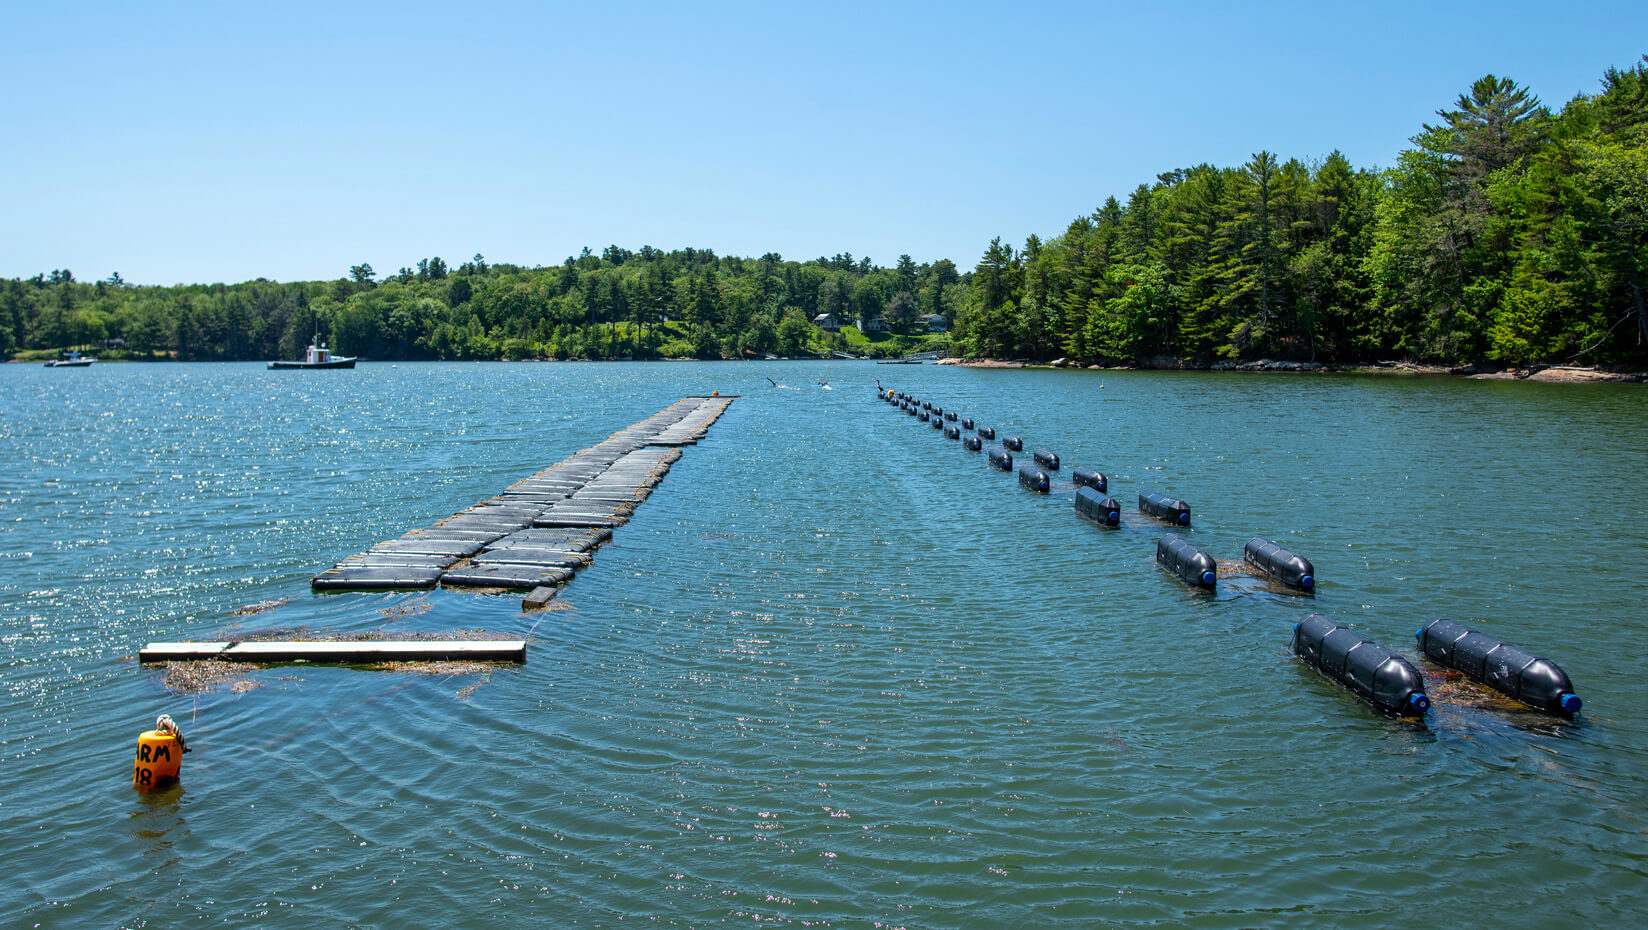 Aquaculture farm